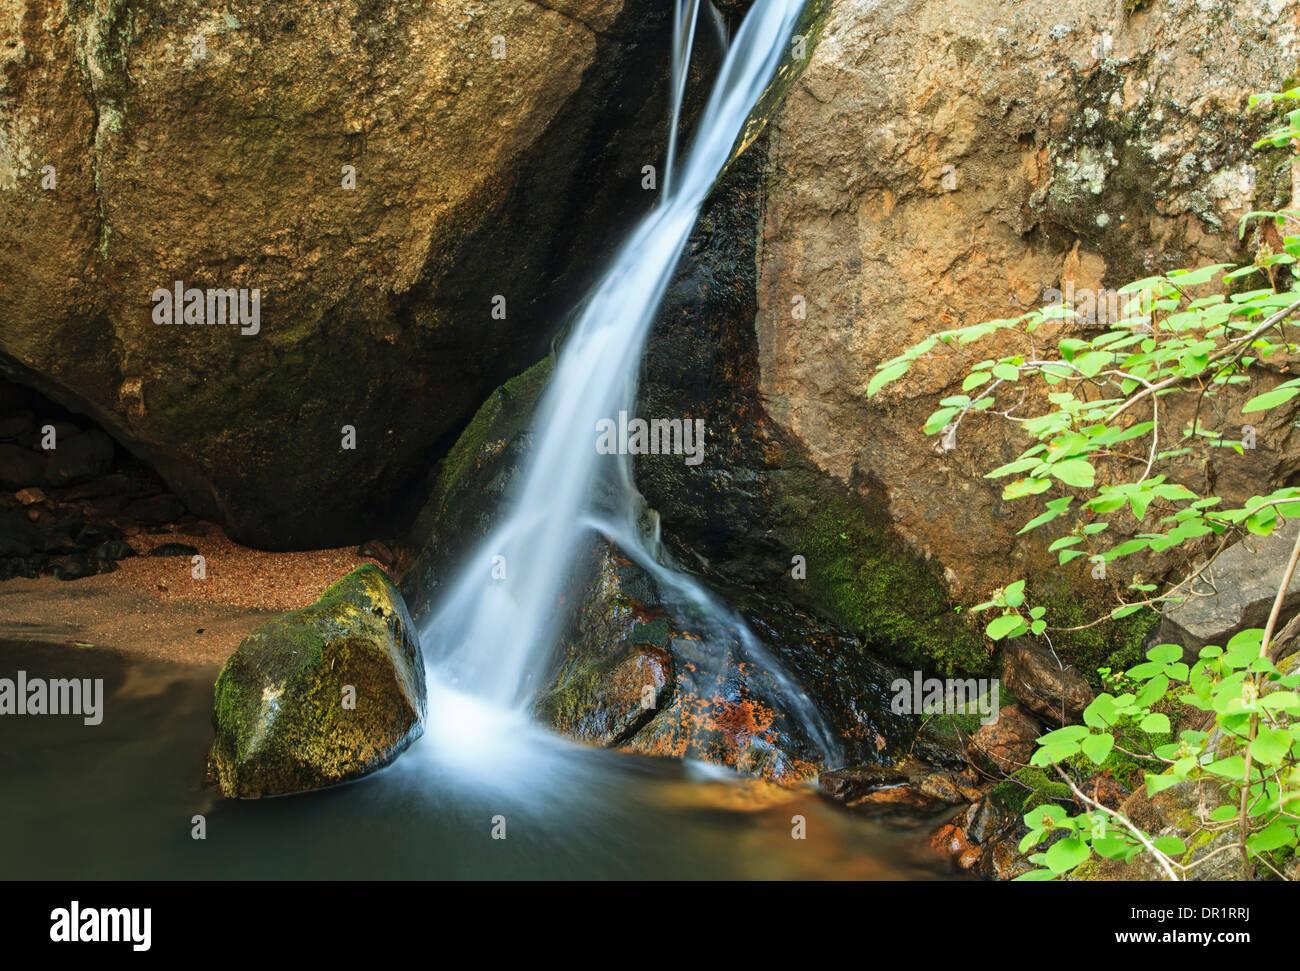 Rocce e cascate, En medio fiume, Santa Fe National Forest, Nuovo Messico USA Immagini Stock